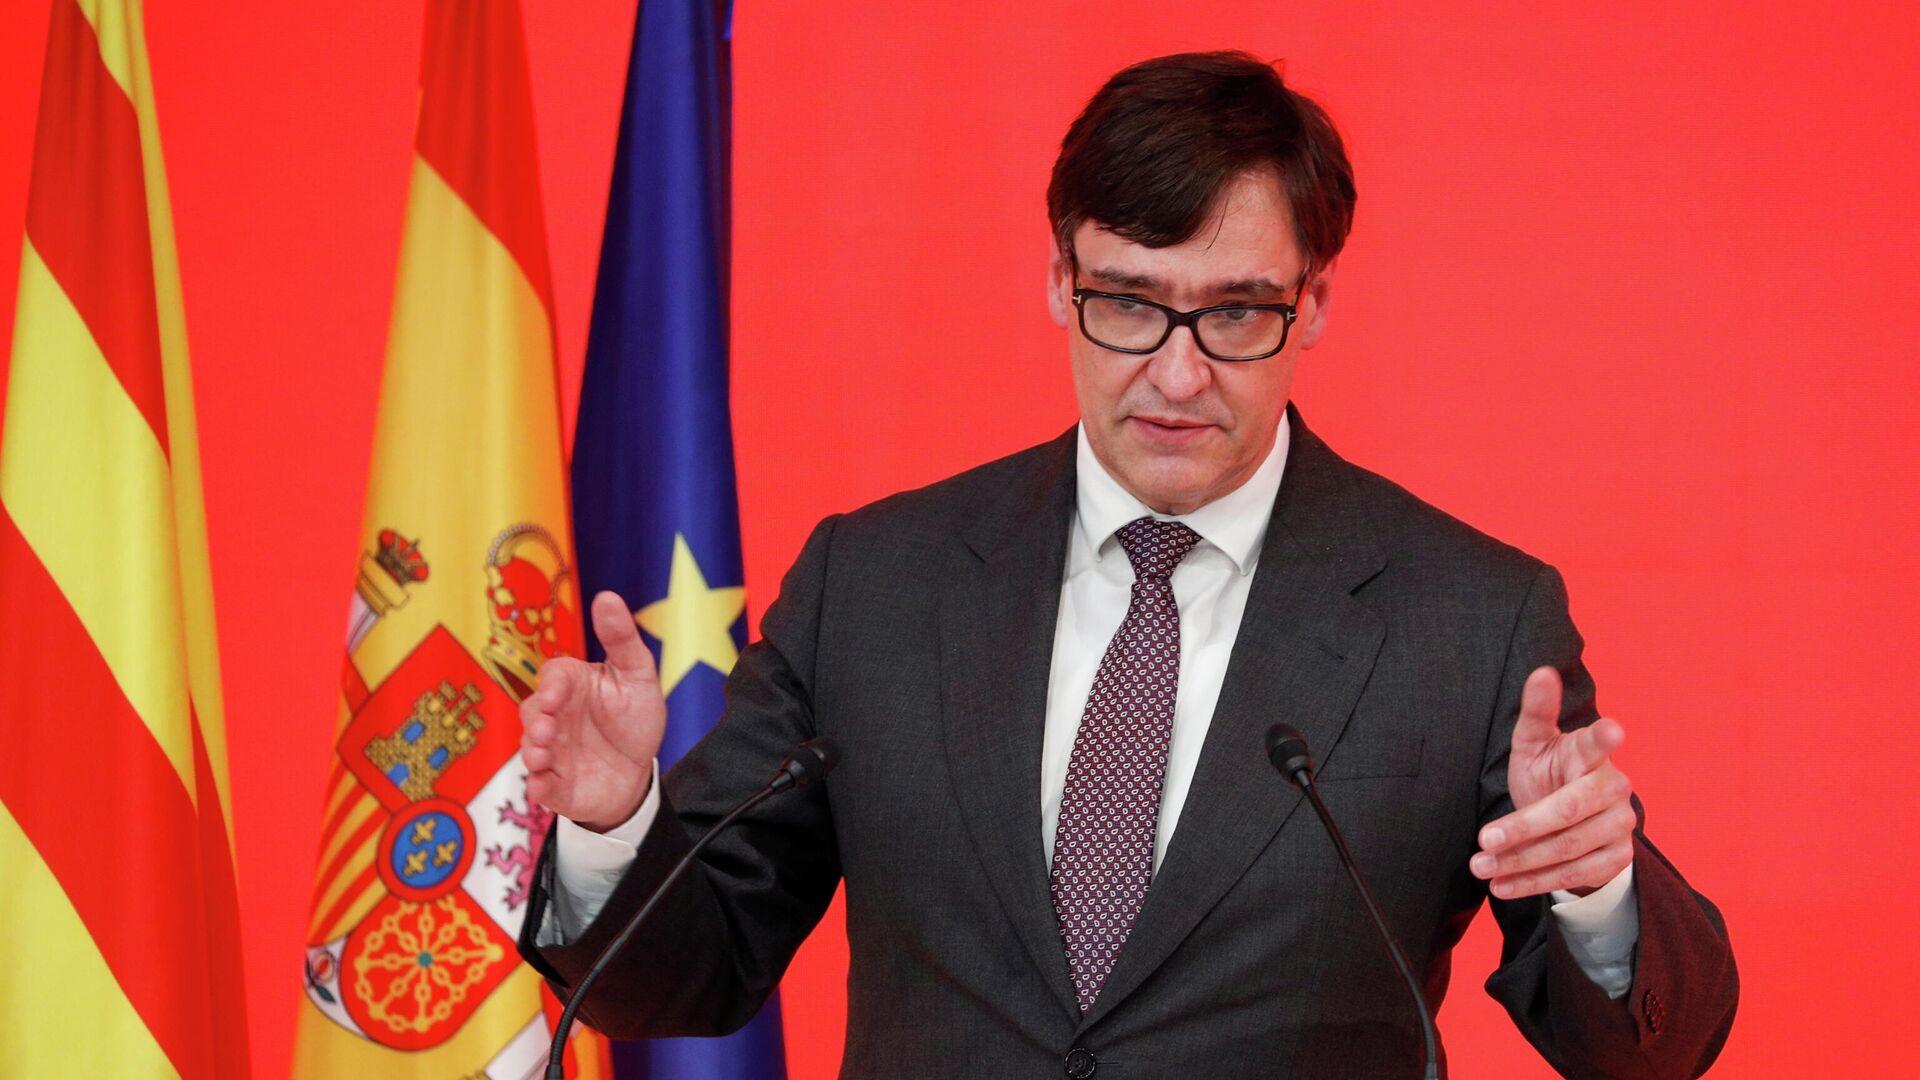 Salvador Illa, candidato a la presidencia de Cataluña del Partido Socialista Catalán  - Sputnik Mundo, 1920, 15.02.2021